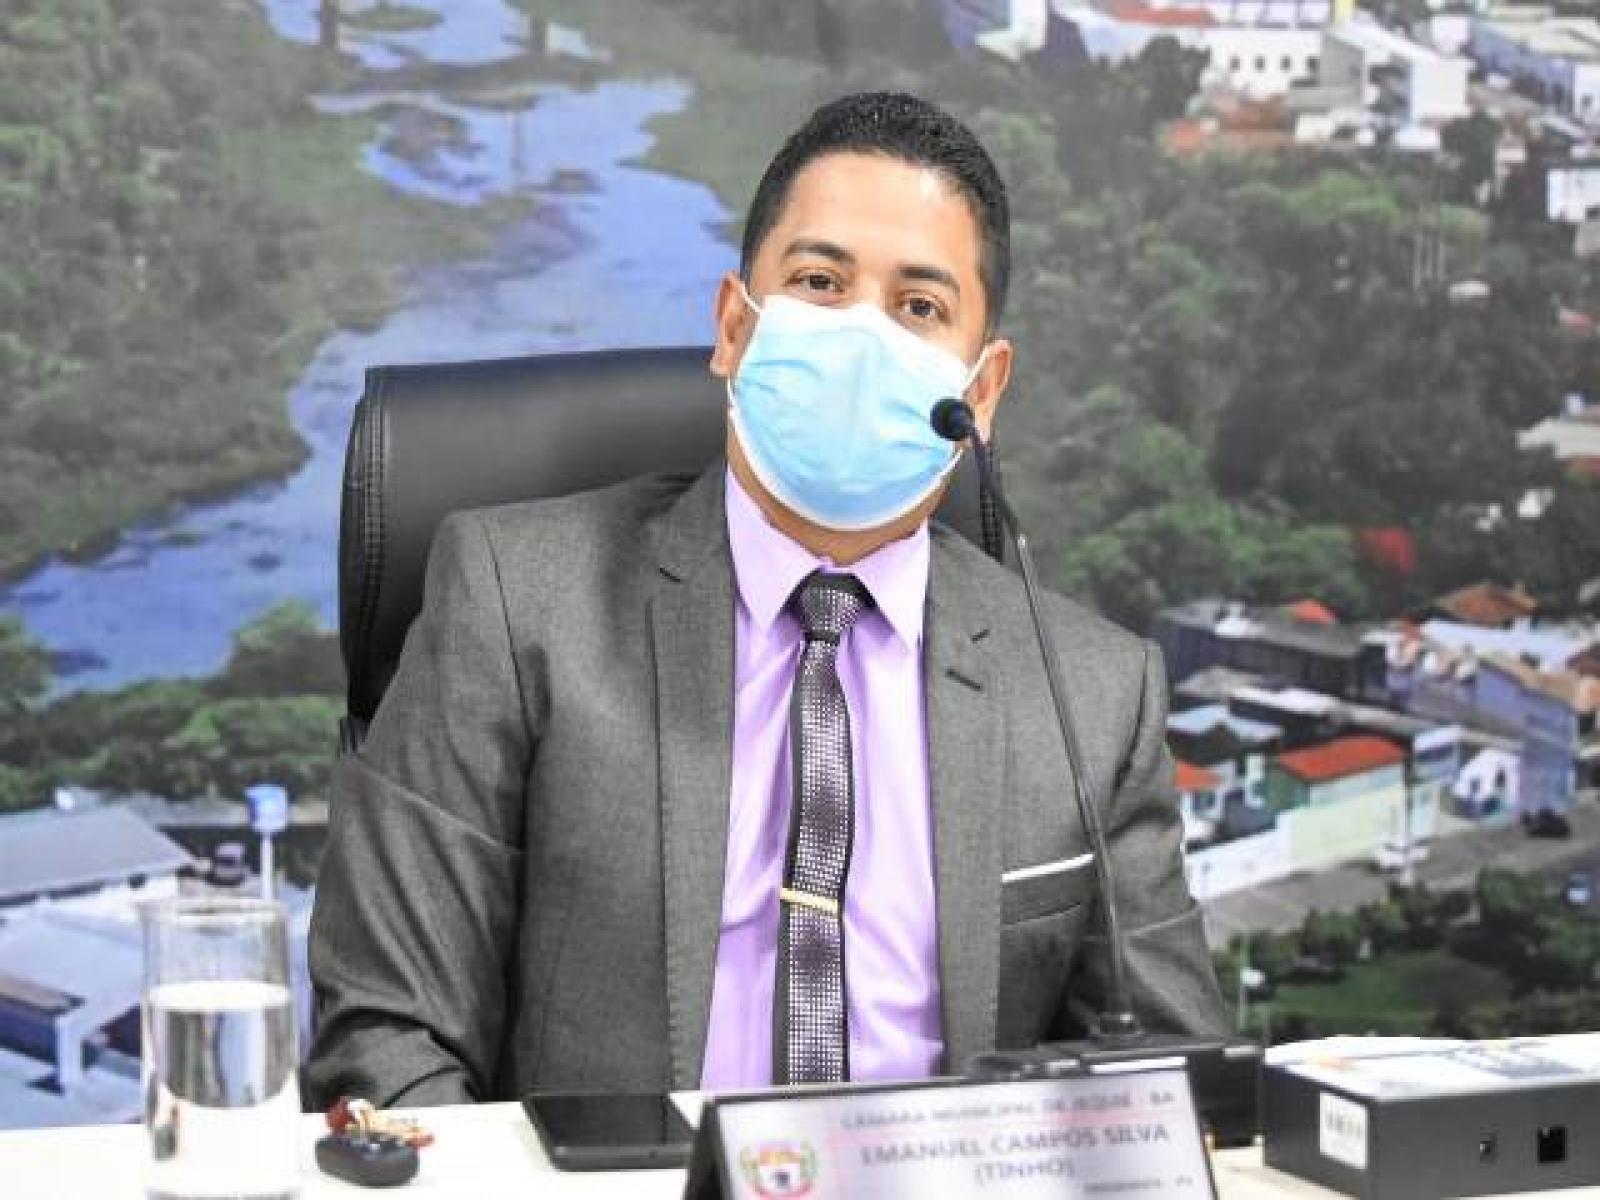 Implantação de um Centro de Tratamento Pós-Covid é defendida pelo vereador Tinho